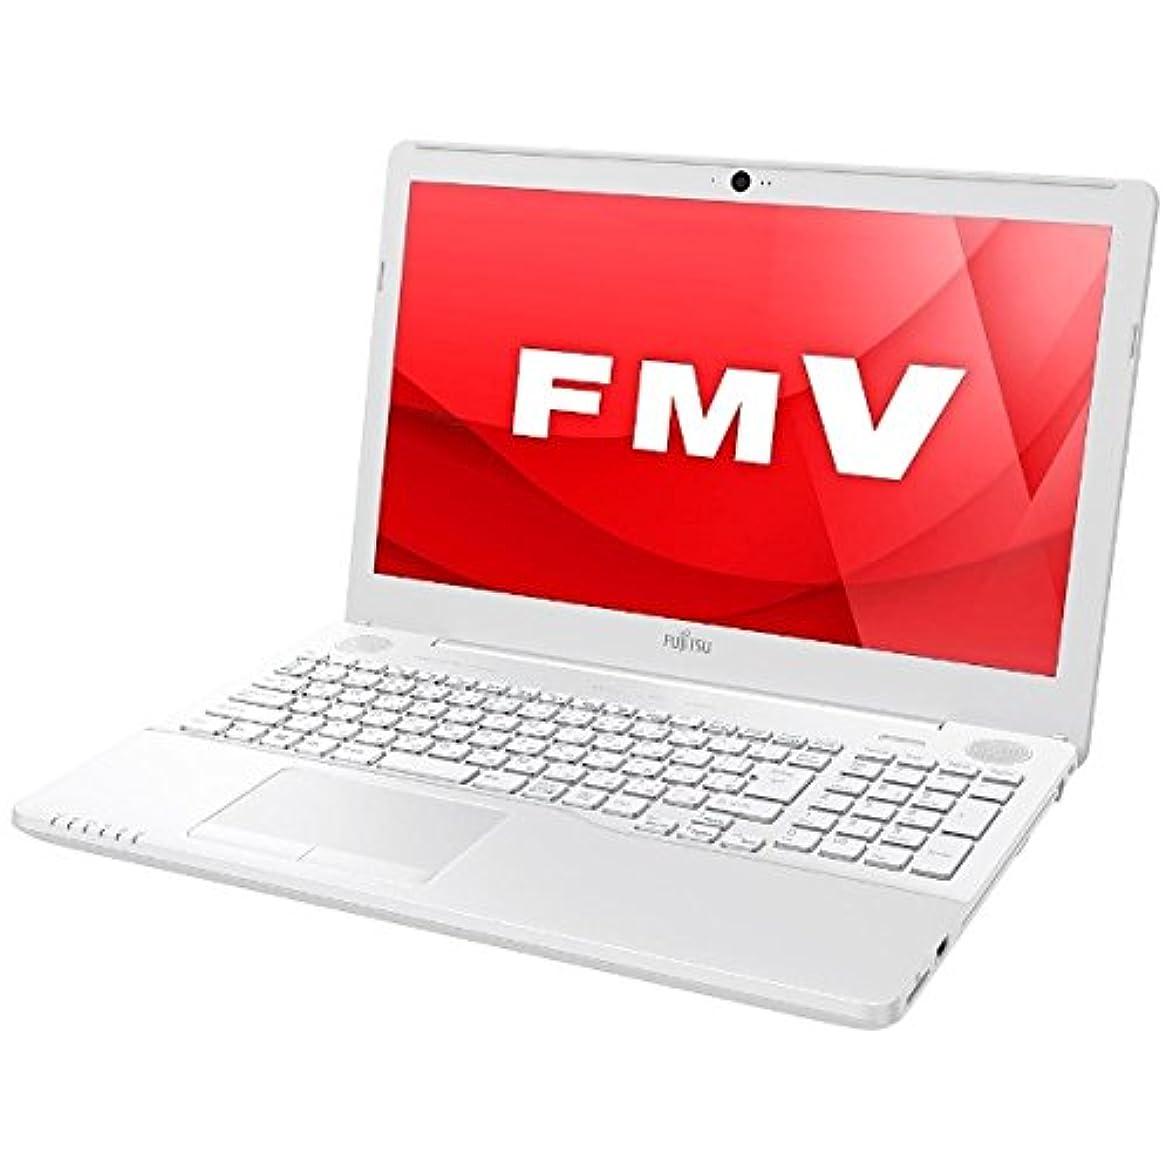 アンソロジー愛情晩餐富士通 15.6型ノートパソコン FMV LIFEBOOK AH50/A3 プレミアムホワイト(Office Home&Business Premium 付属) FMVA50A3WP